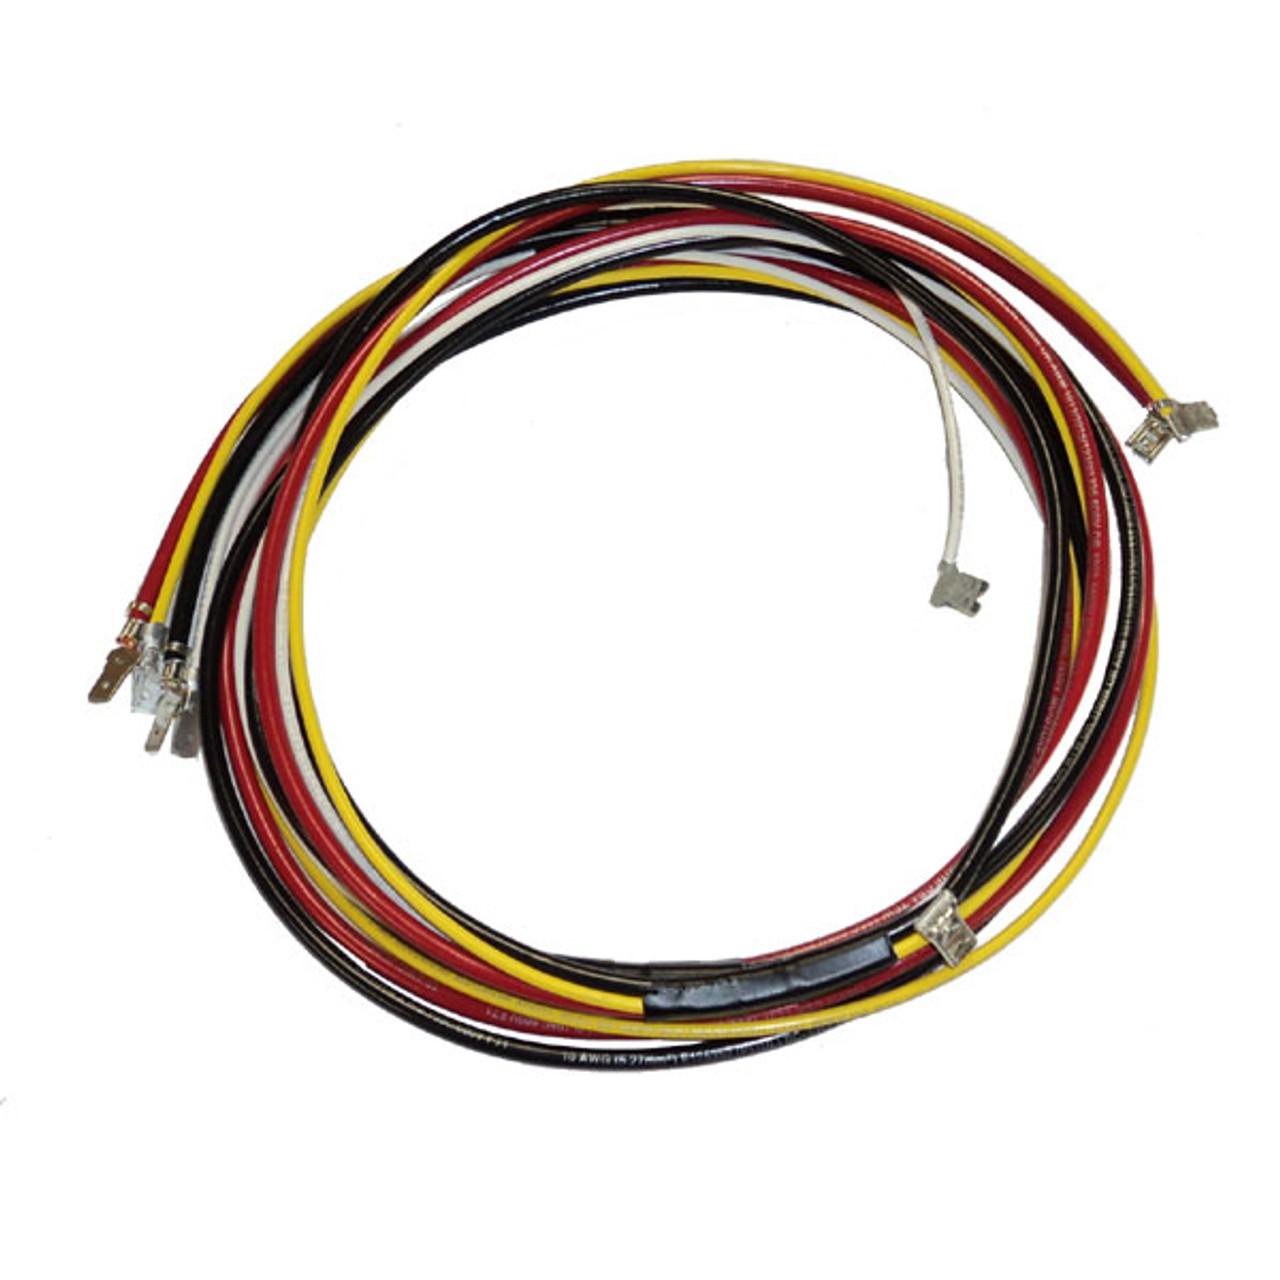 hight resolution of minn kota trolling motor part wire harness a t ft pedal 2261208 minn kota edge 45